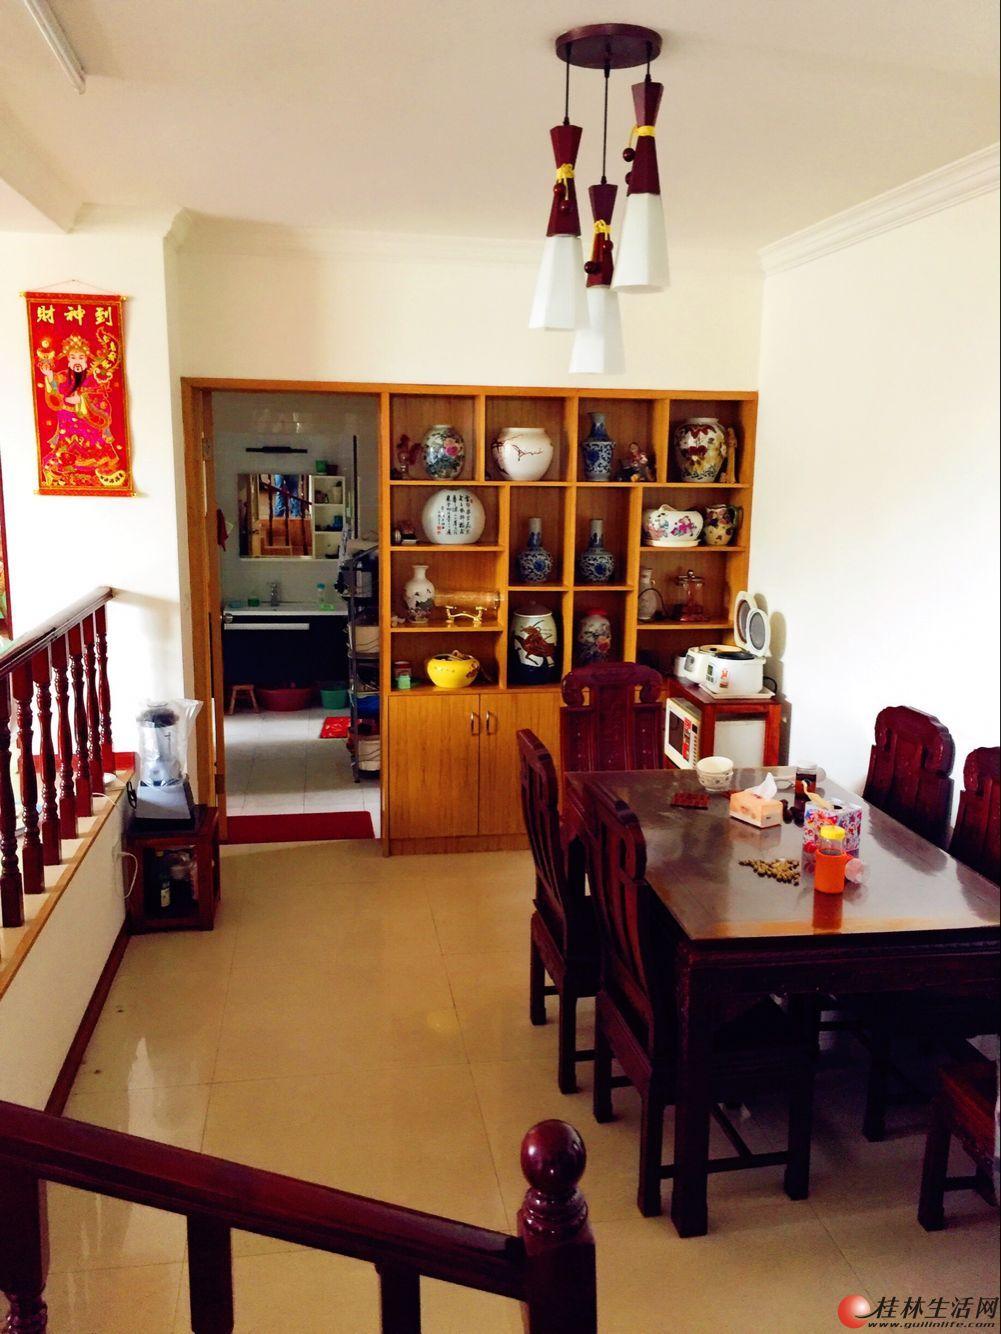 Q三里店家乐城4房2厅2卫 171平米带60平米露台 售价150万